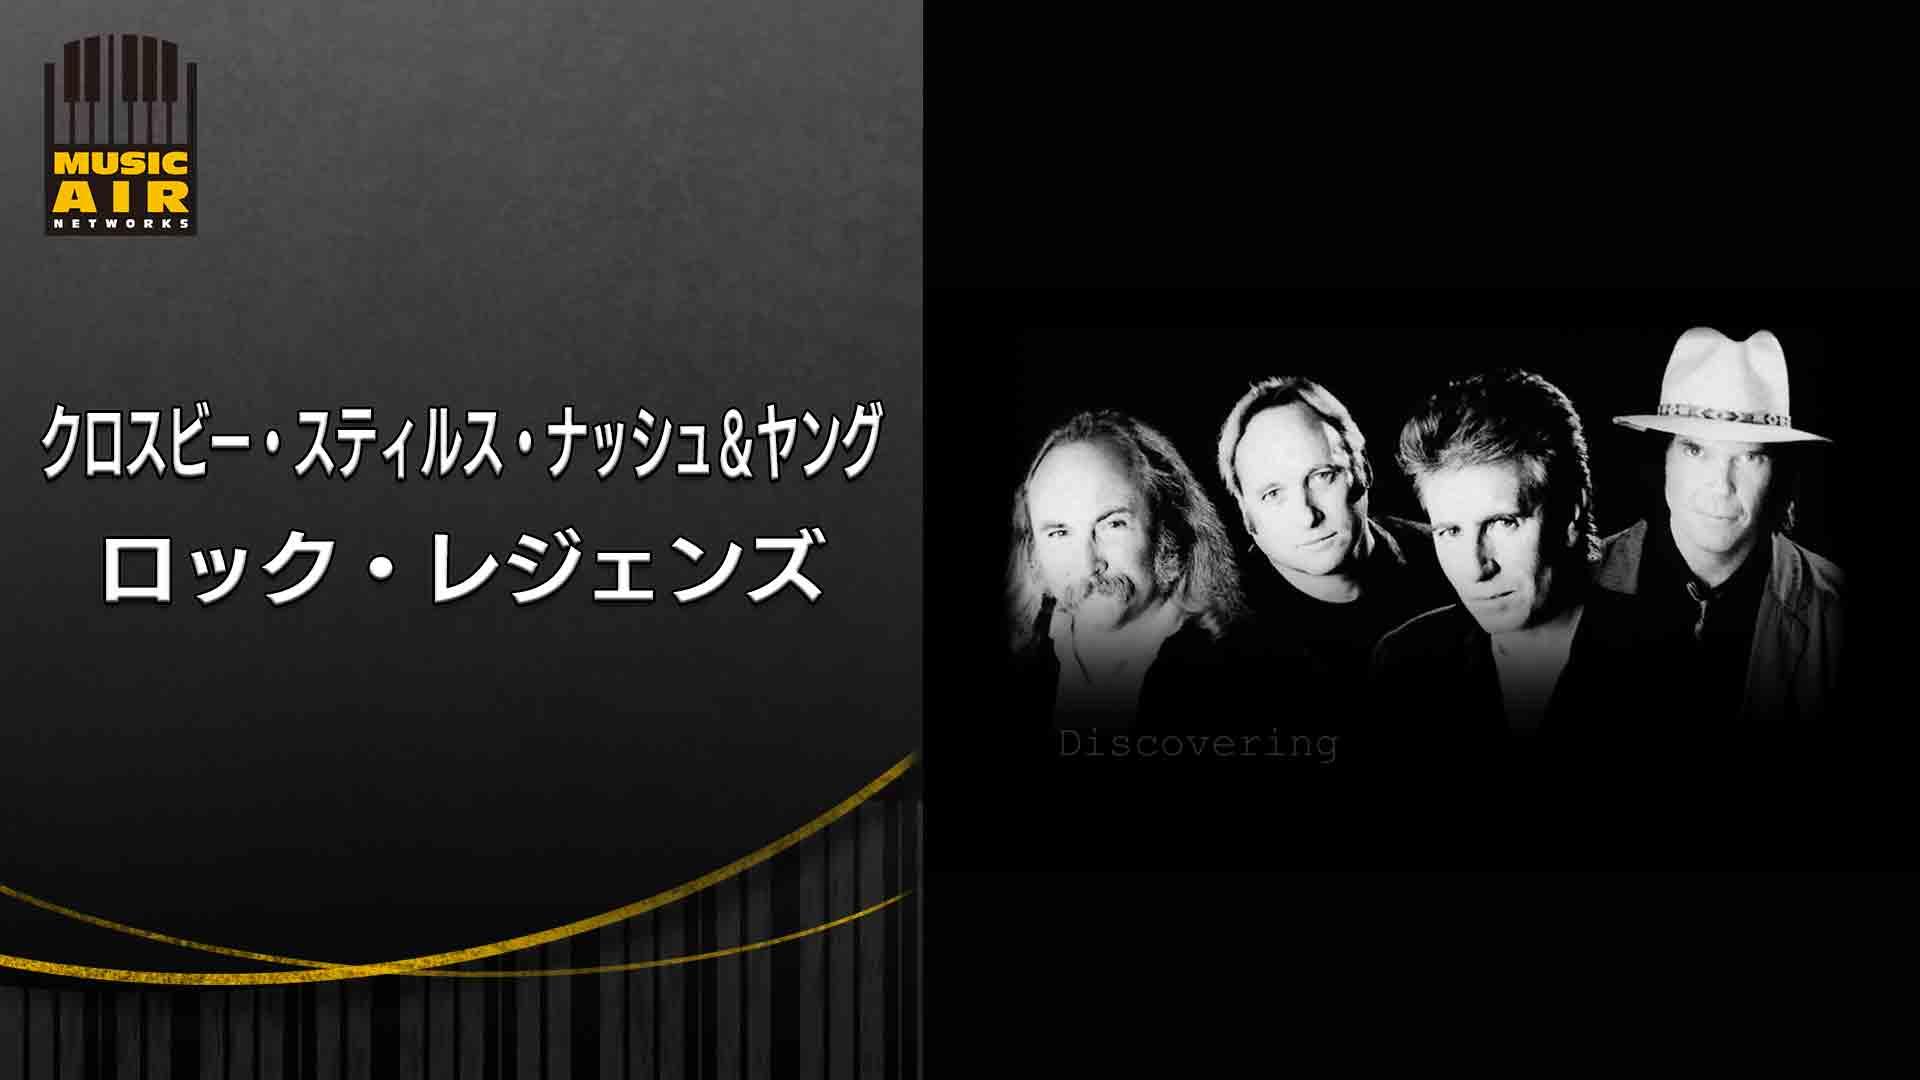 クロスビー・スティルス・ナッシュ&ヤング:ロック・レジェンズ(字幕版)